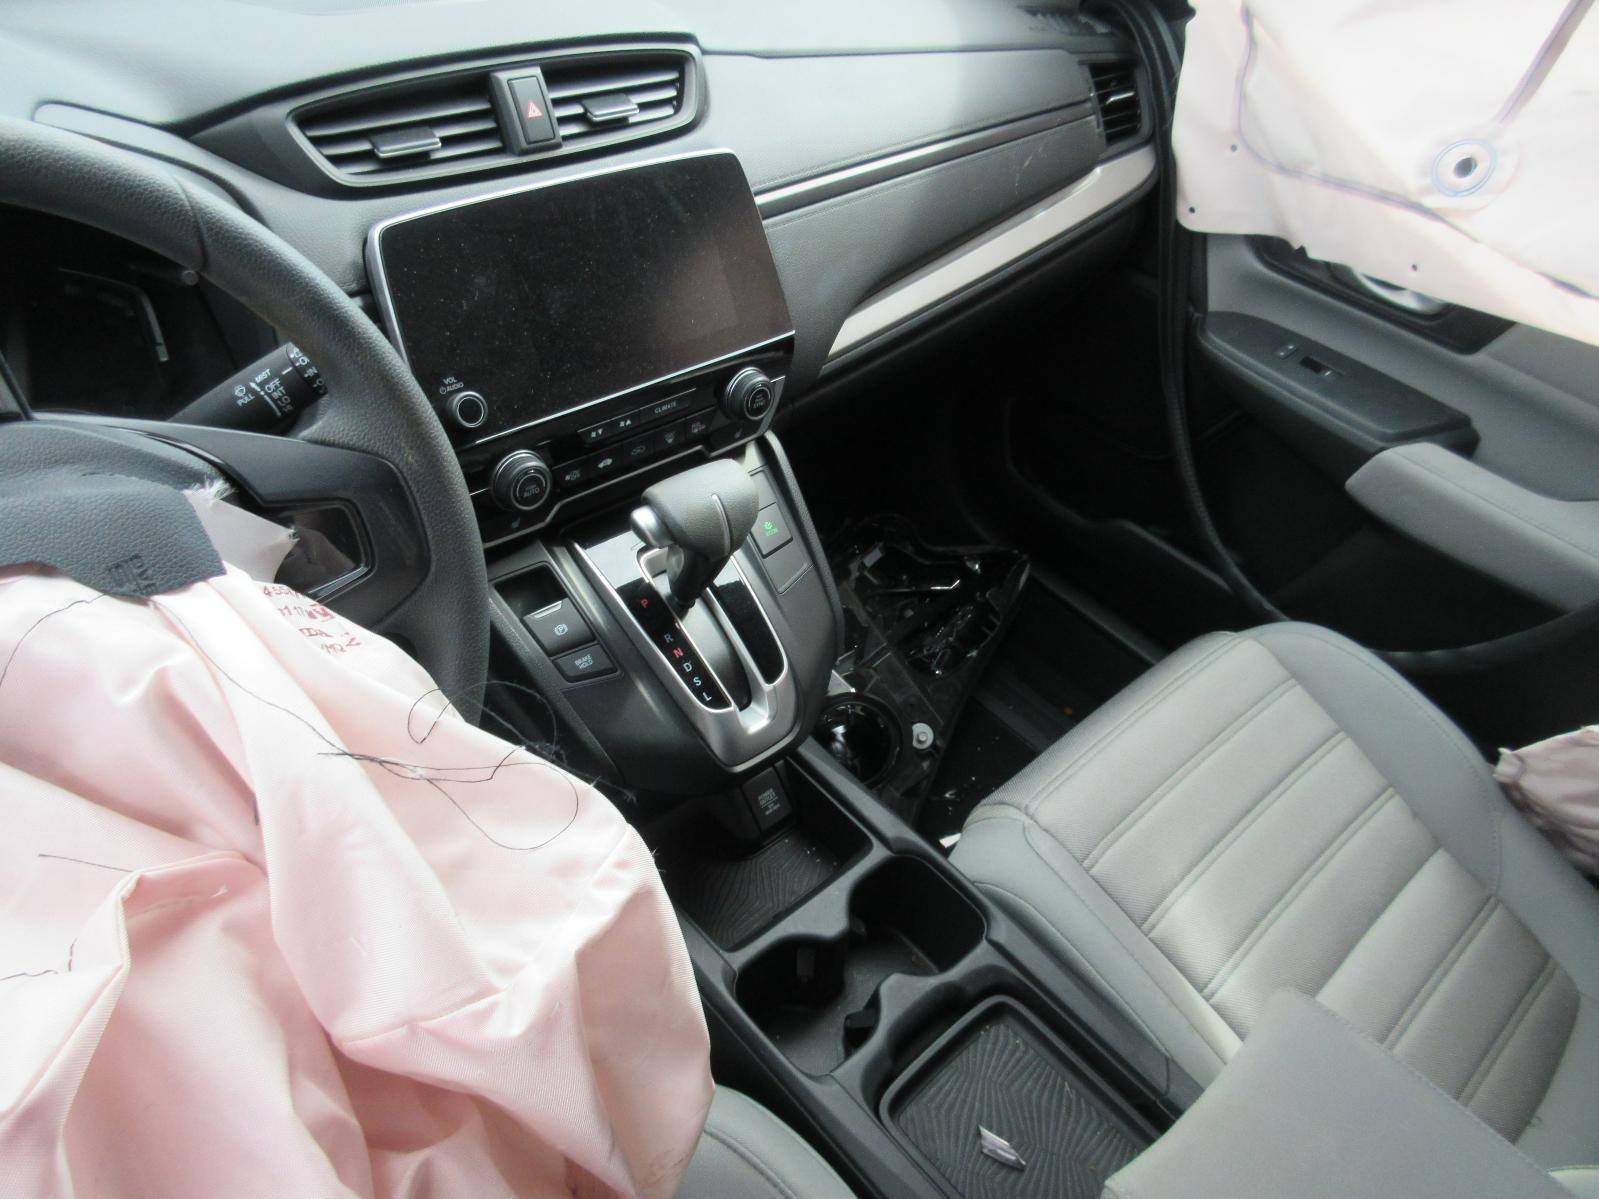 2017 Honda Crv Turbo Awd Maritime Auto Parts 2003 Cr V Full